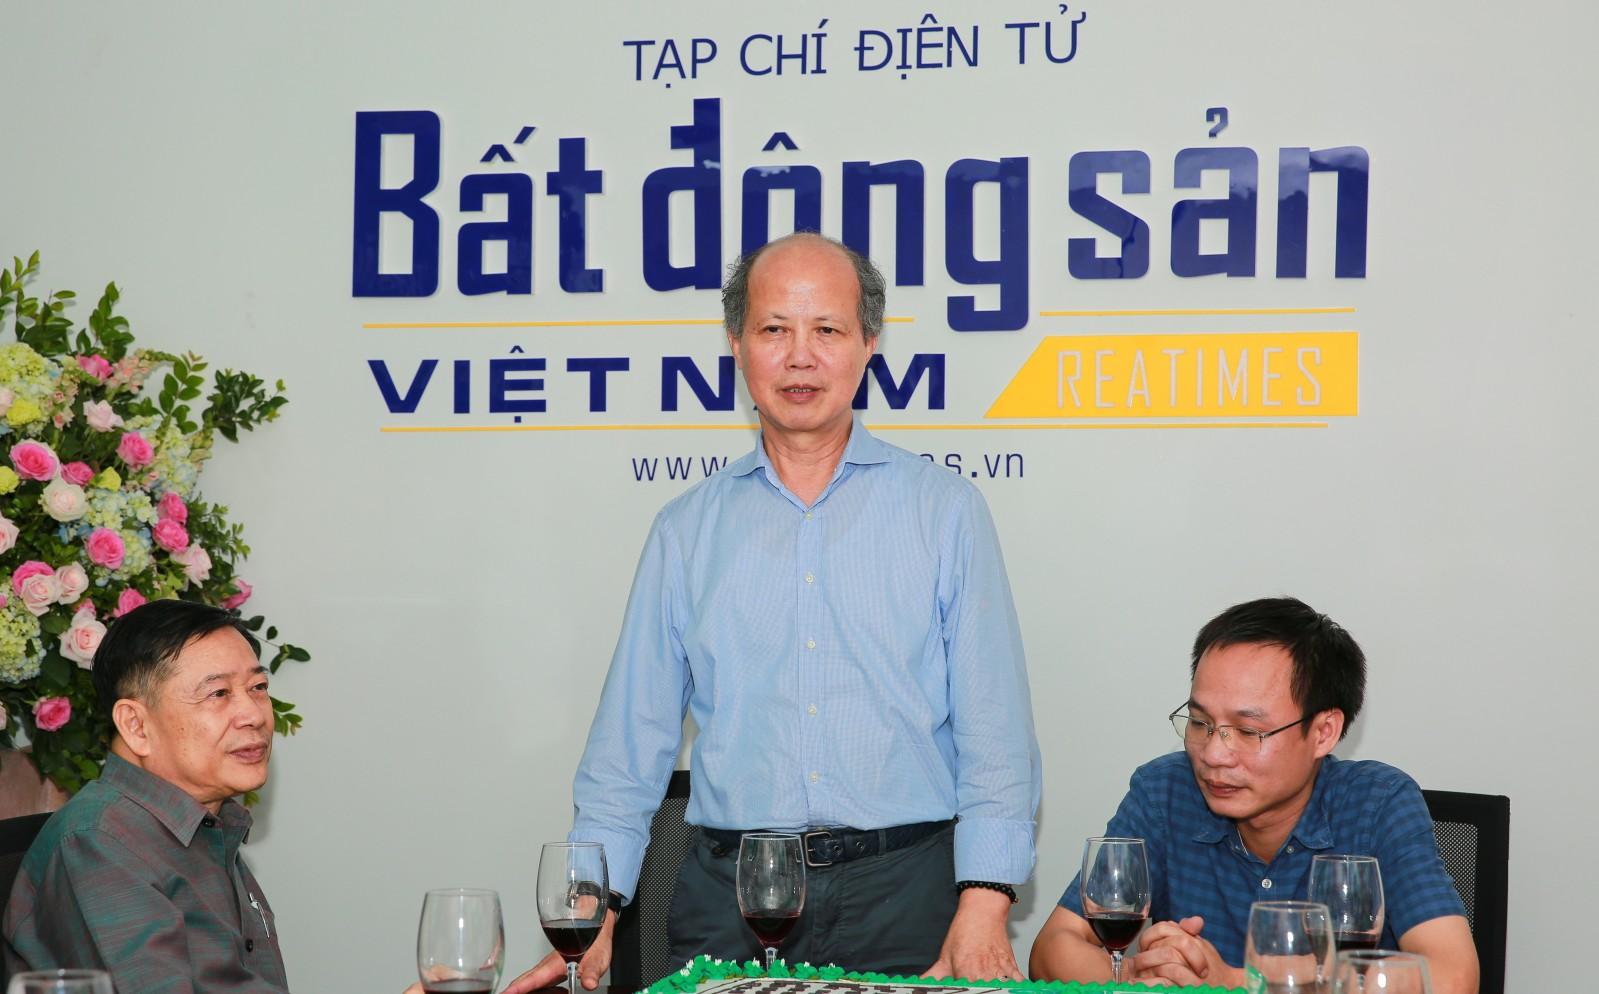 Chủ tịch Hiệp hội BĐS Việt Nam tin tưởng Reatimes sẽ tiếp tục phát triển mạnh mẽ